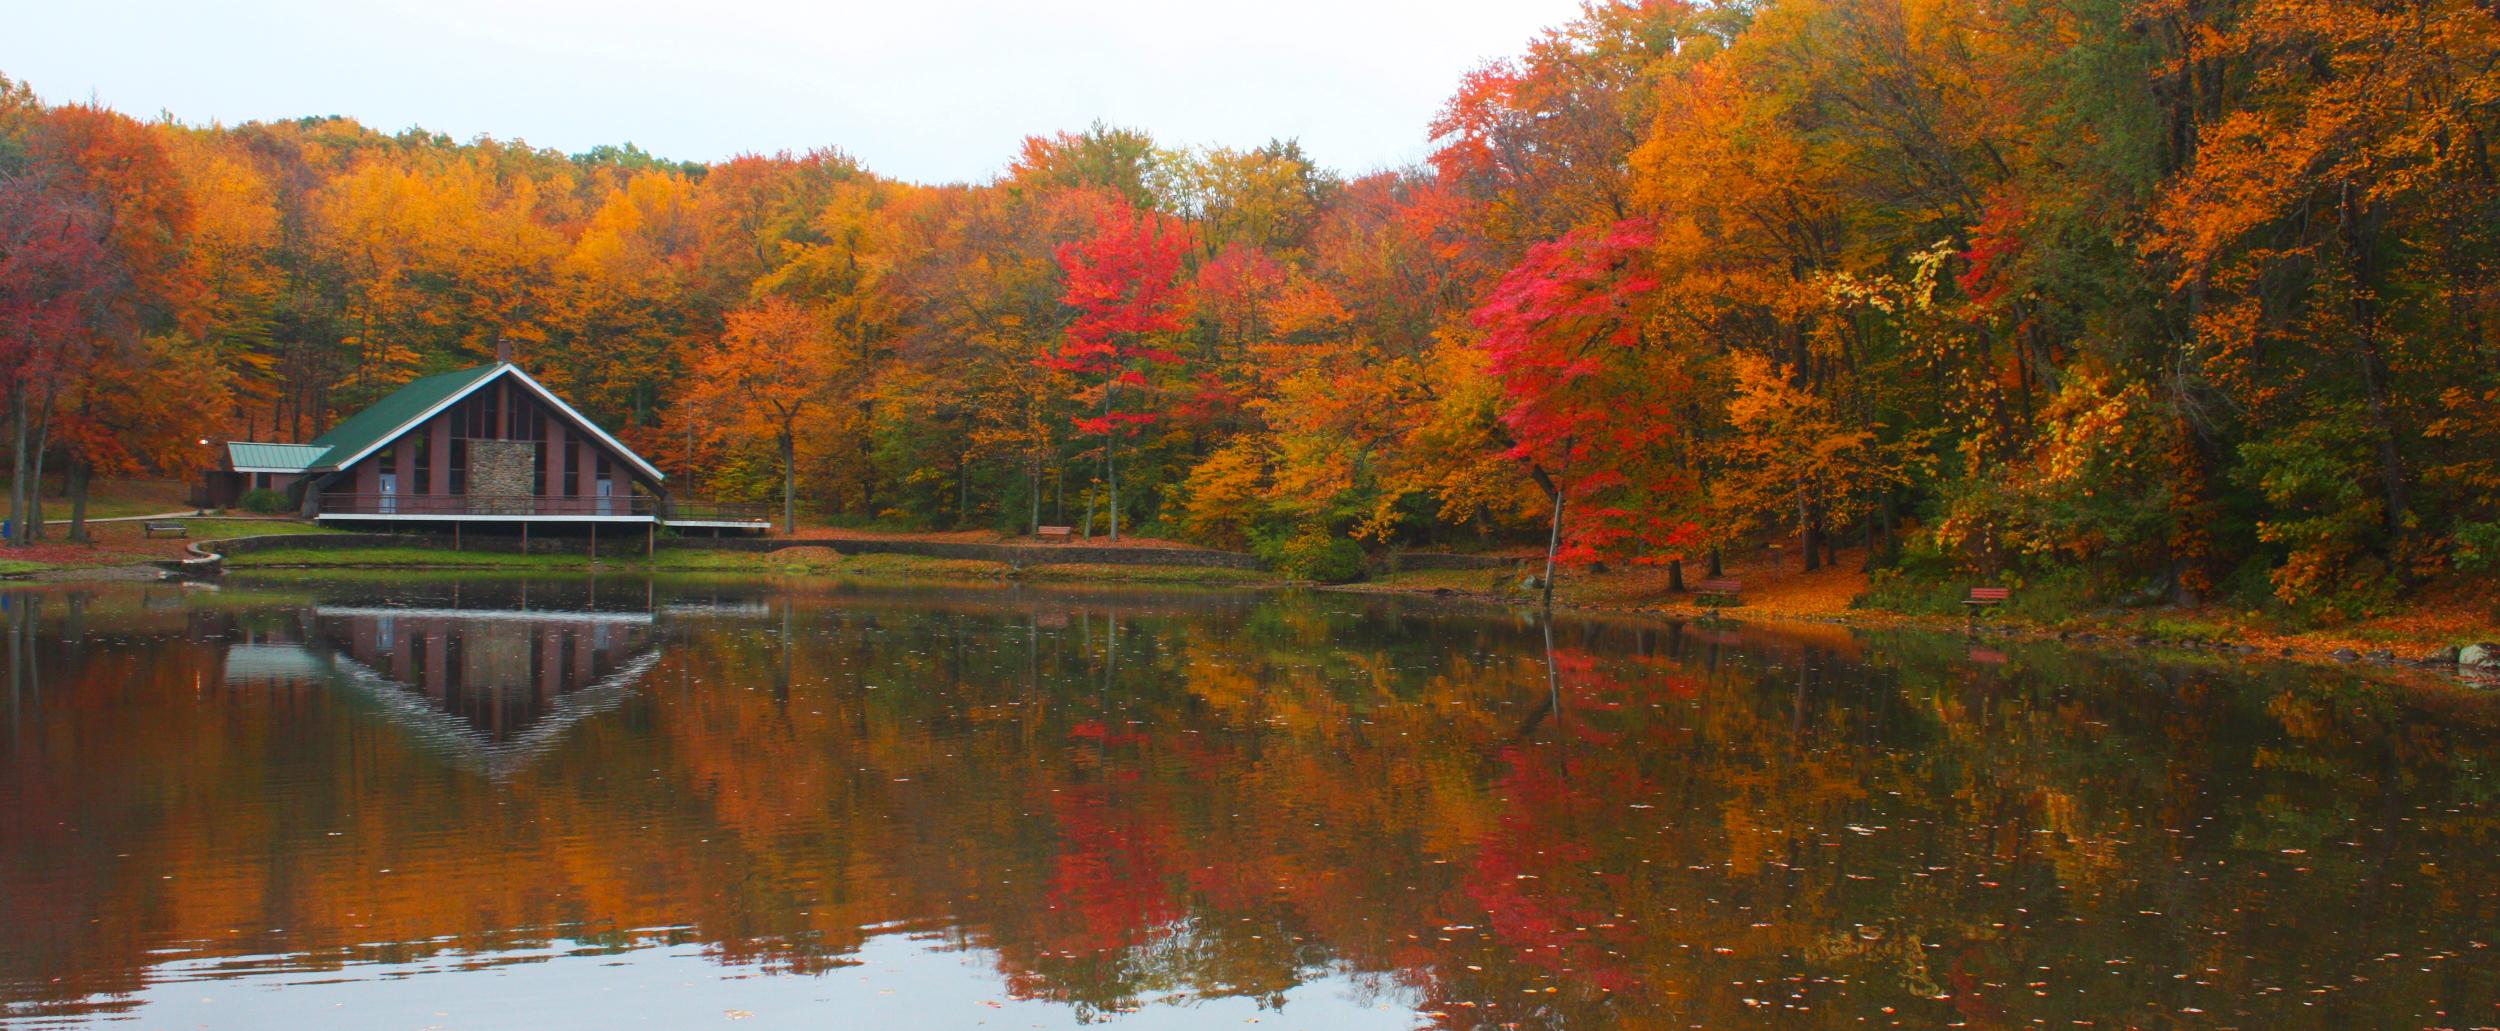 Page Park Visit Stay Enjoy Bristol Connecticut